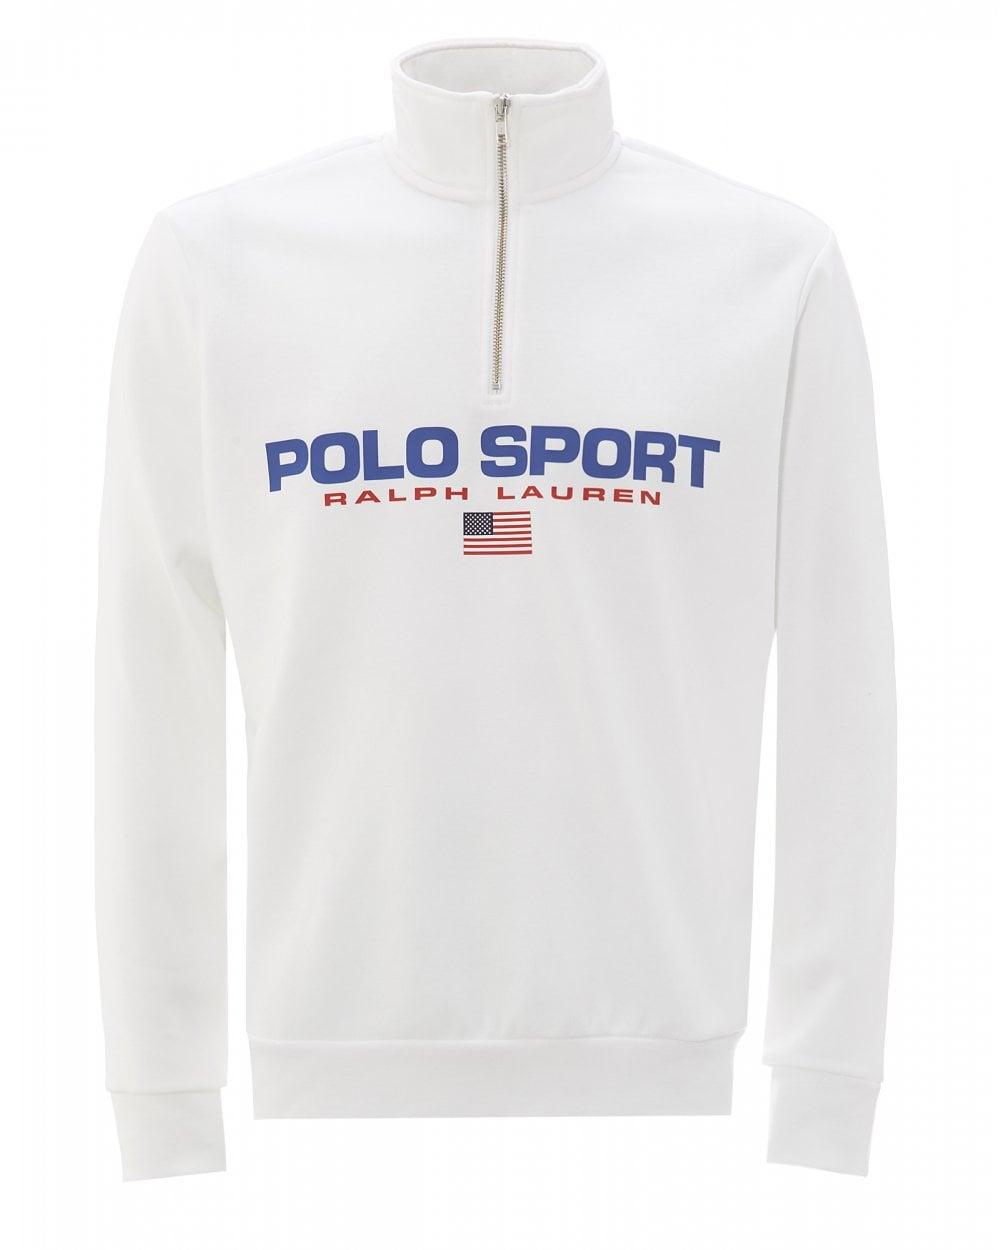 Mens Polo Sport Fleece Sweatshirt, White Sweat